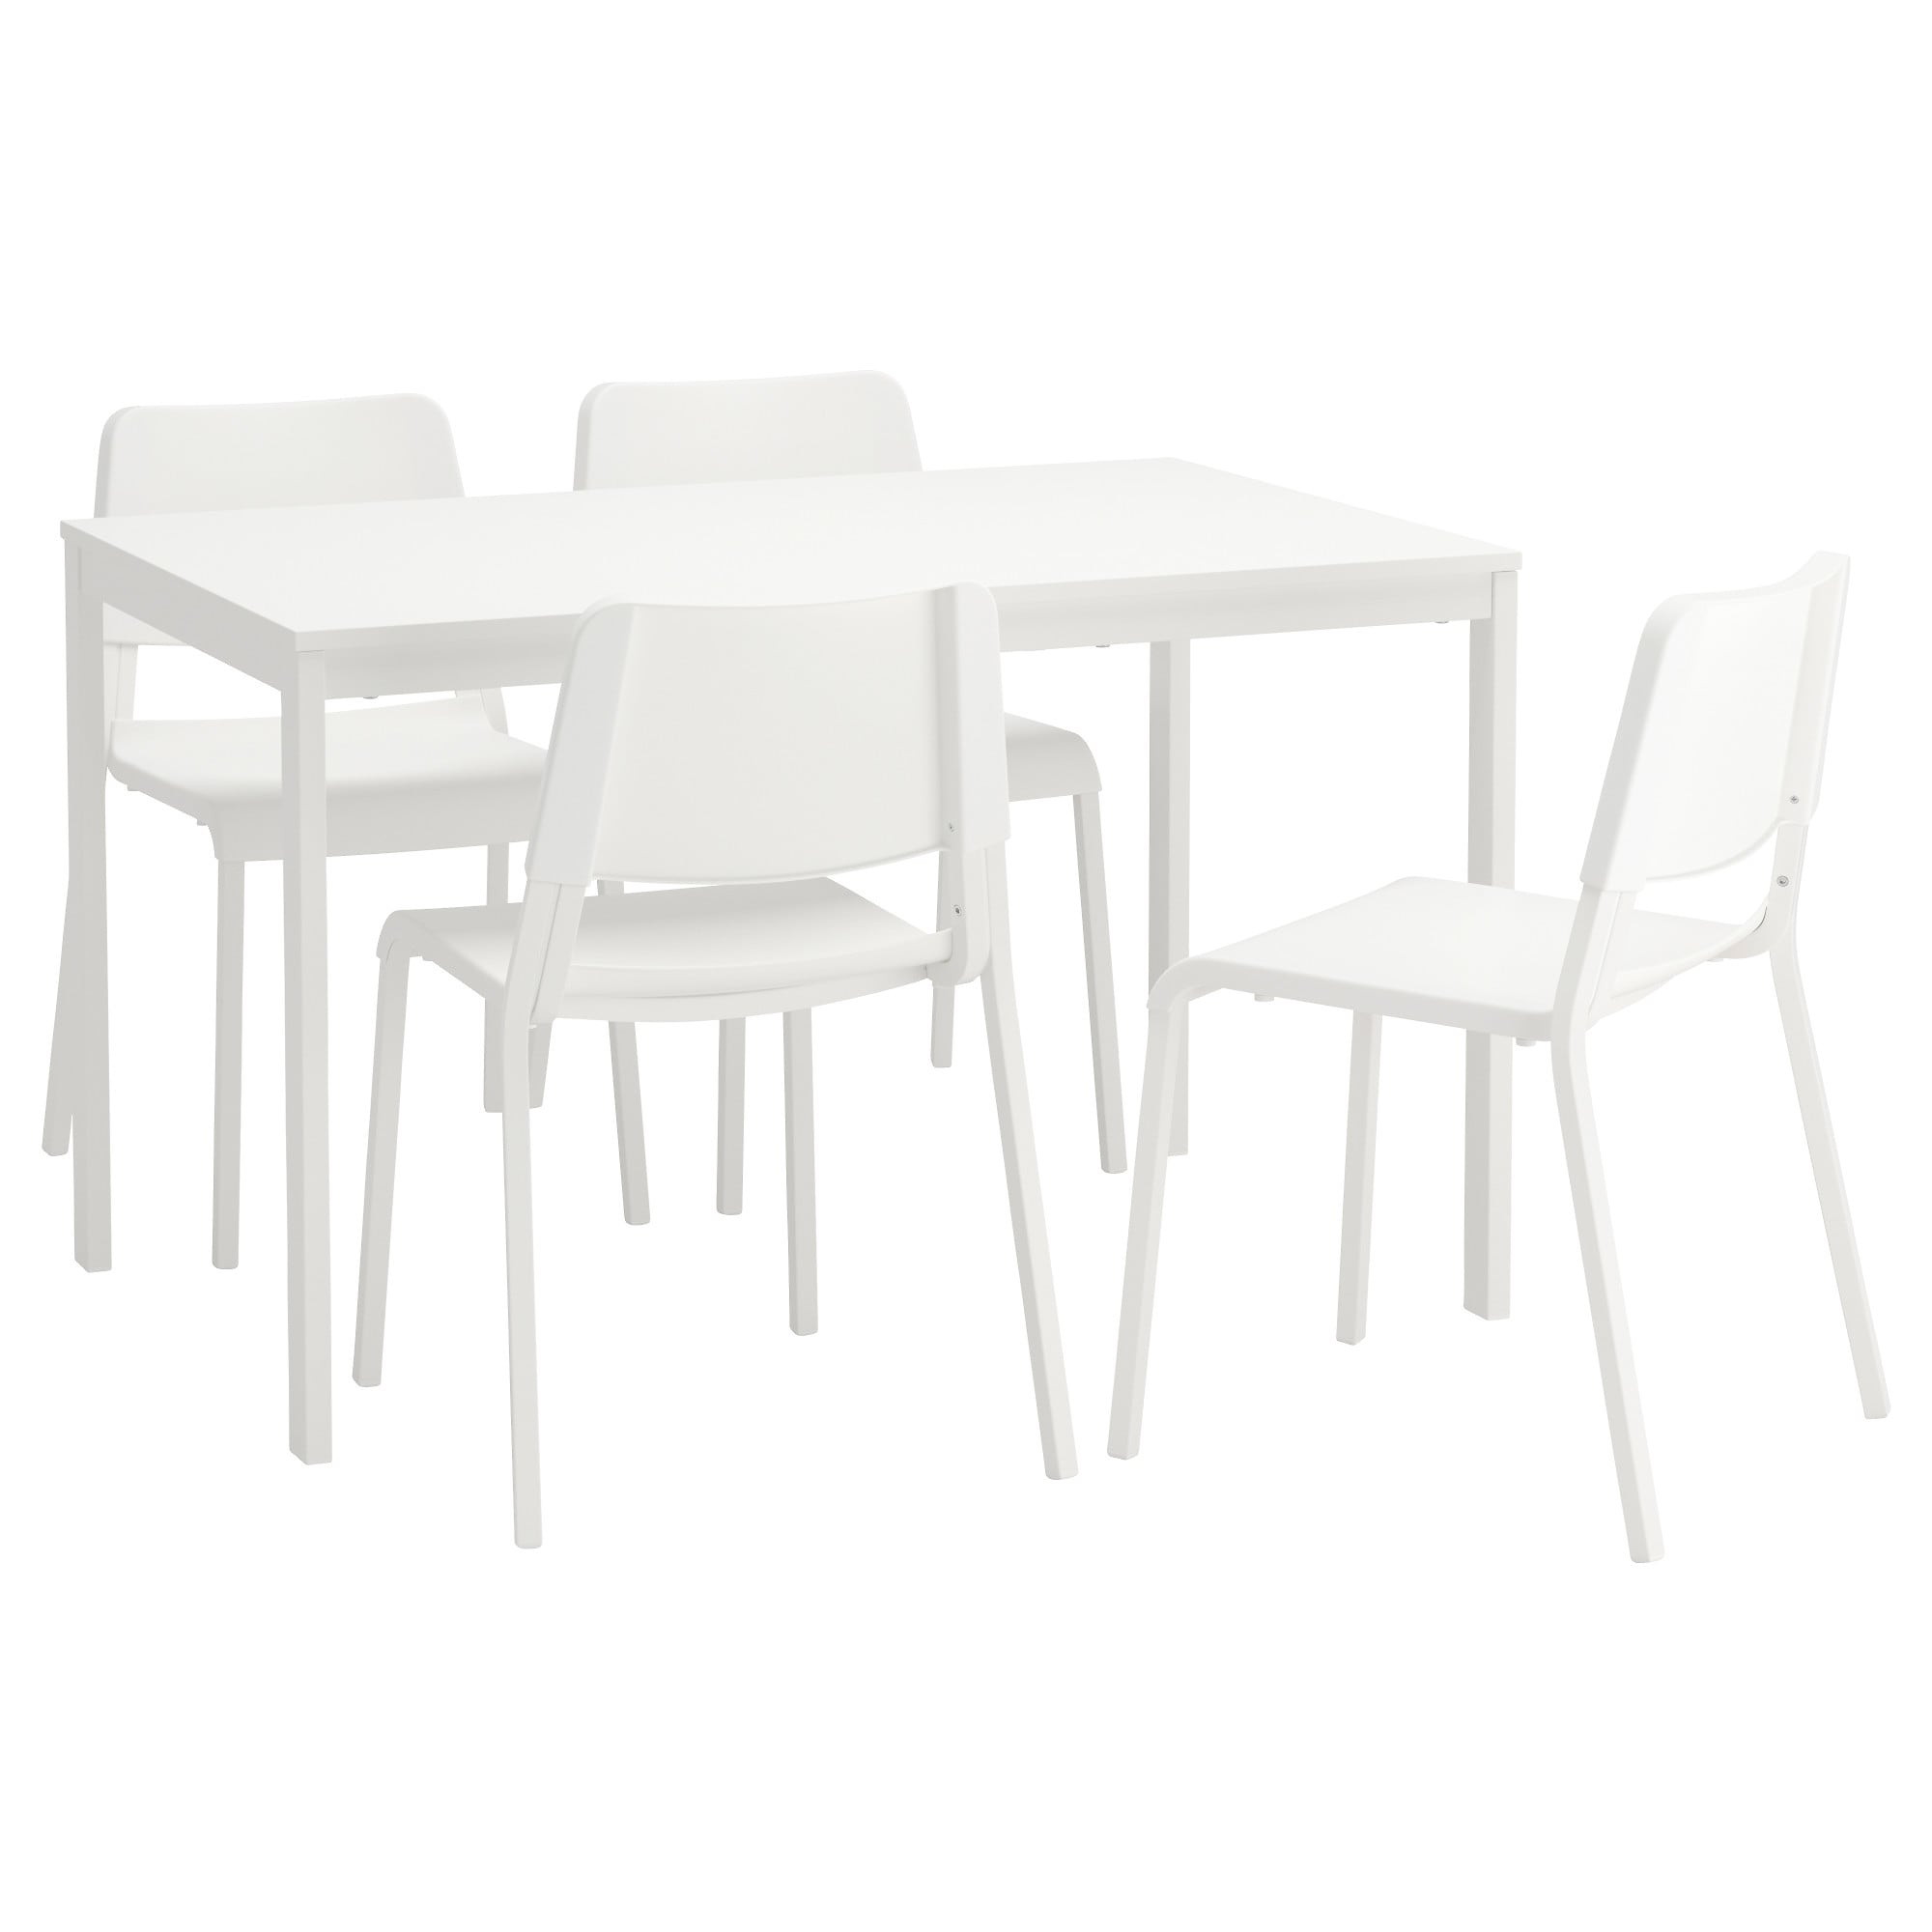 Ikea Mesas Y Sillas 9ddf Teodores Vangsta Mesa Con 4 Sillas Blanco Blanco 120 180 Cm Ikea